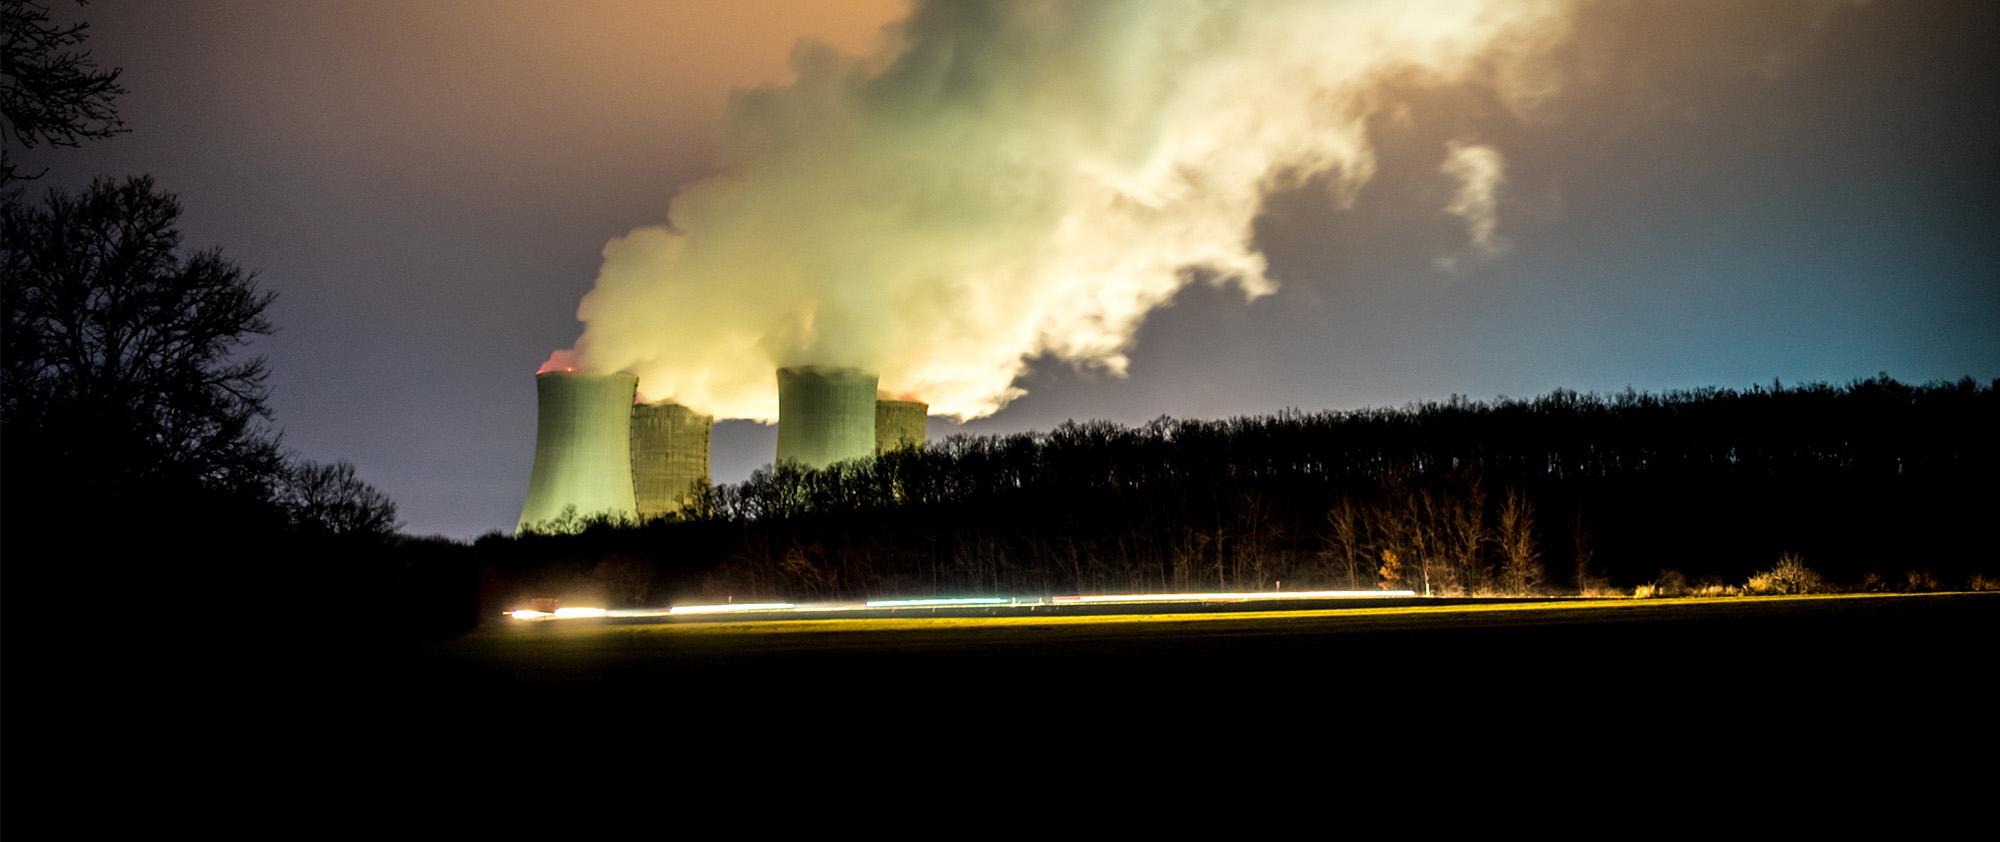 Ein Atomkraftwerk ist eine gescheiterte Technologie aus dem letzten Jahrhundert